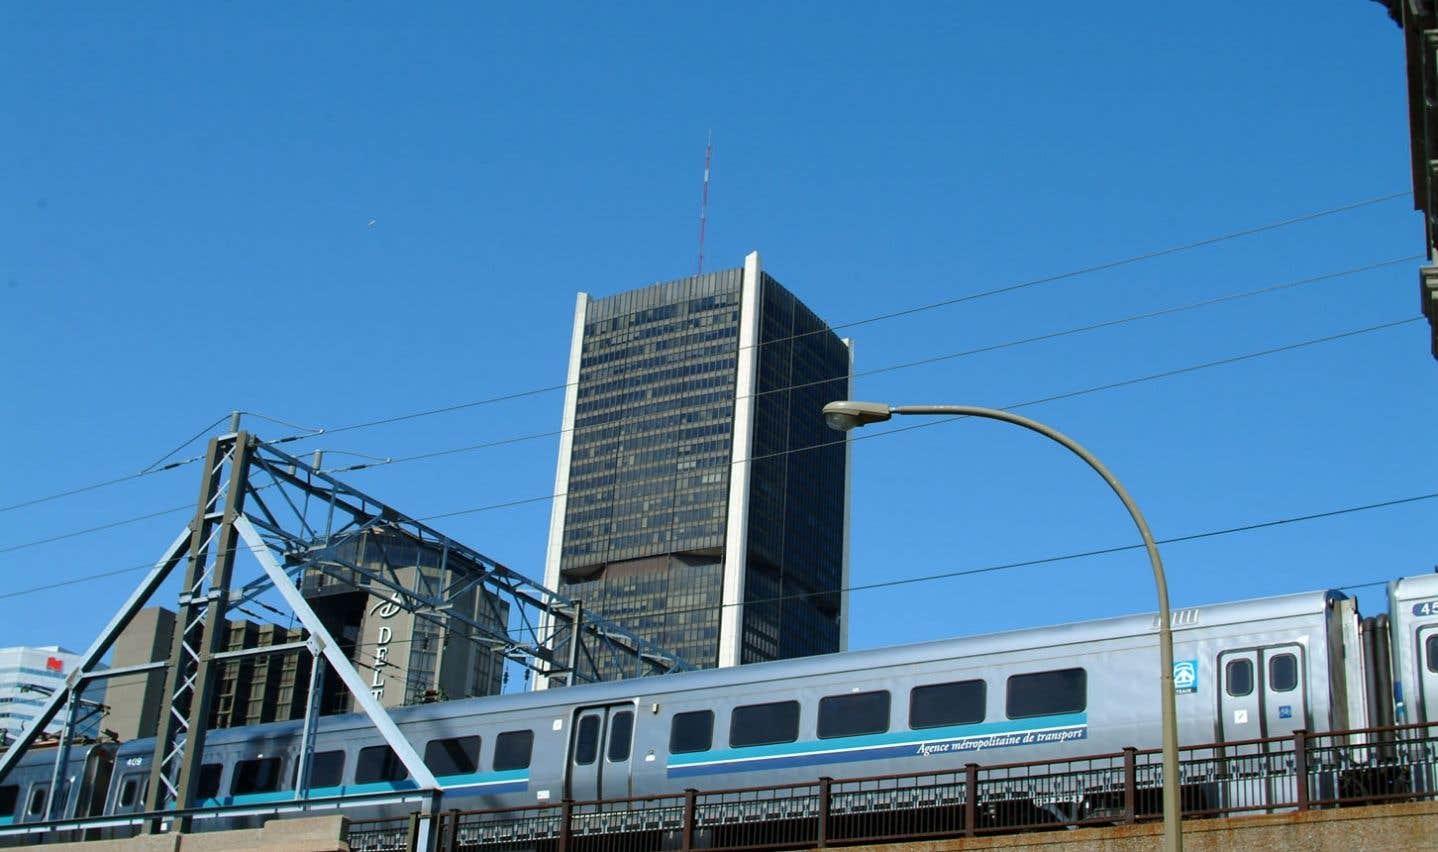 Les activités reliées au bien-être des citoyens — le transport et le logement social, notamment — occupent désormais une place prépondérante dans les responsabilités des administrations municipales.